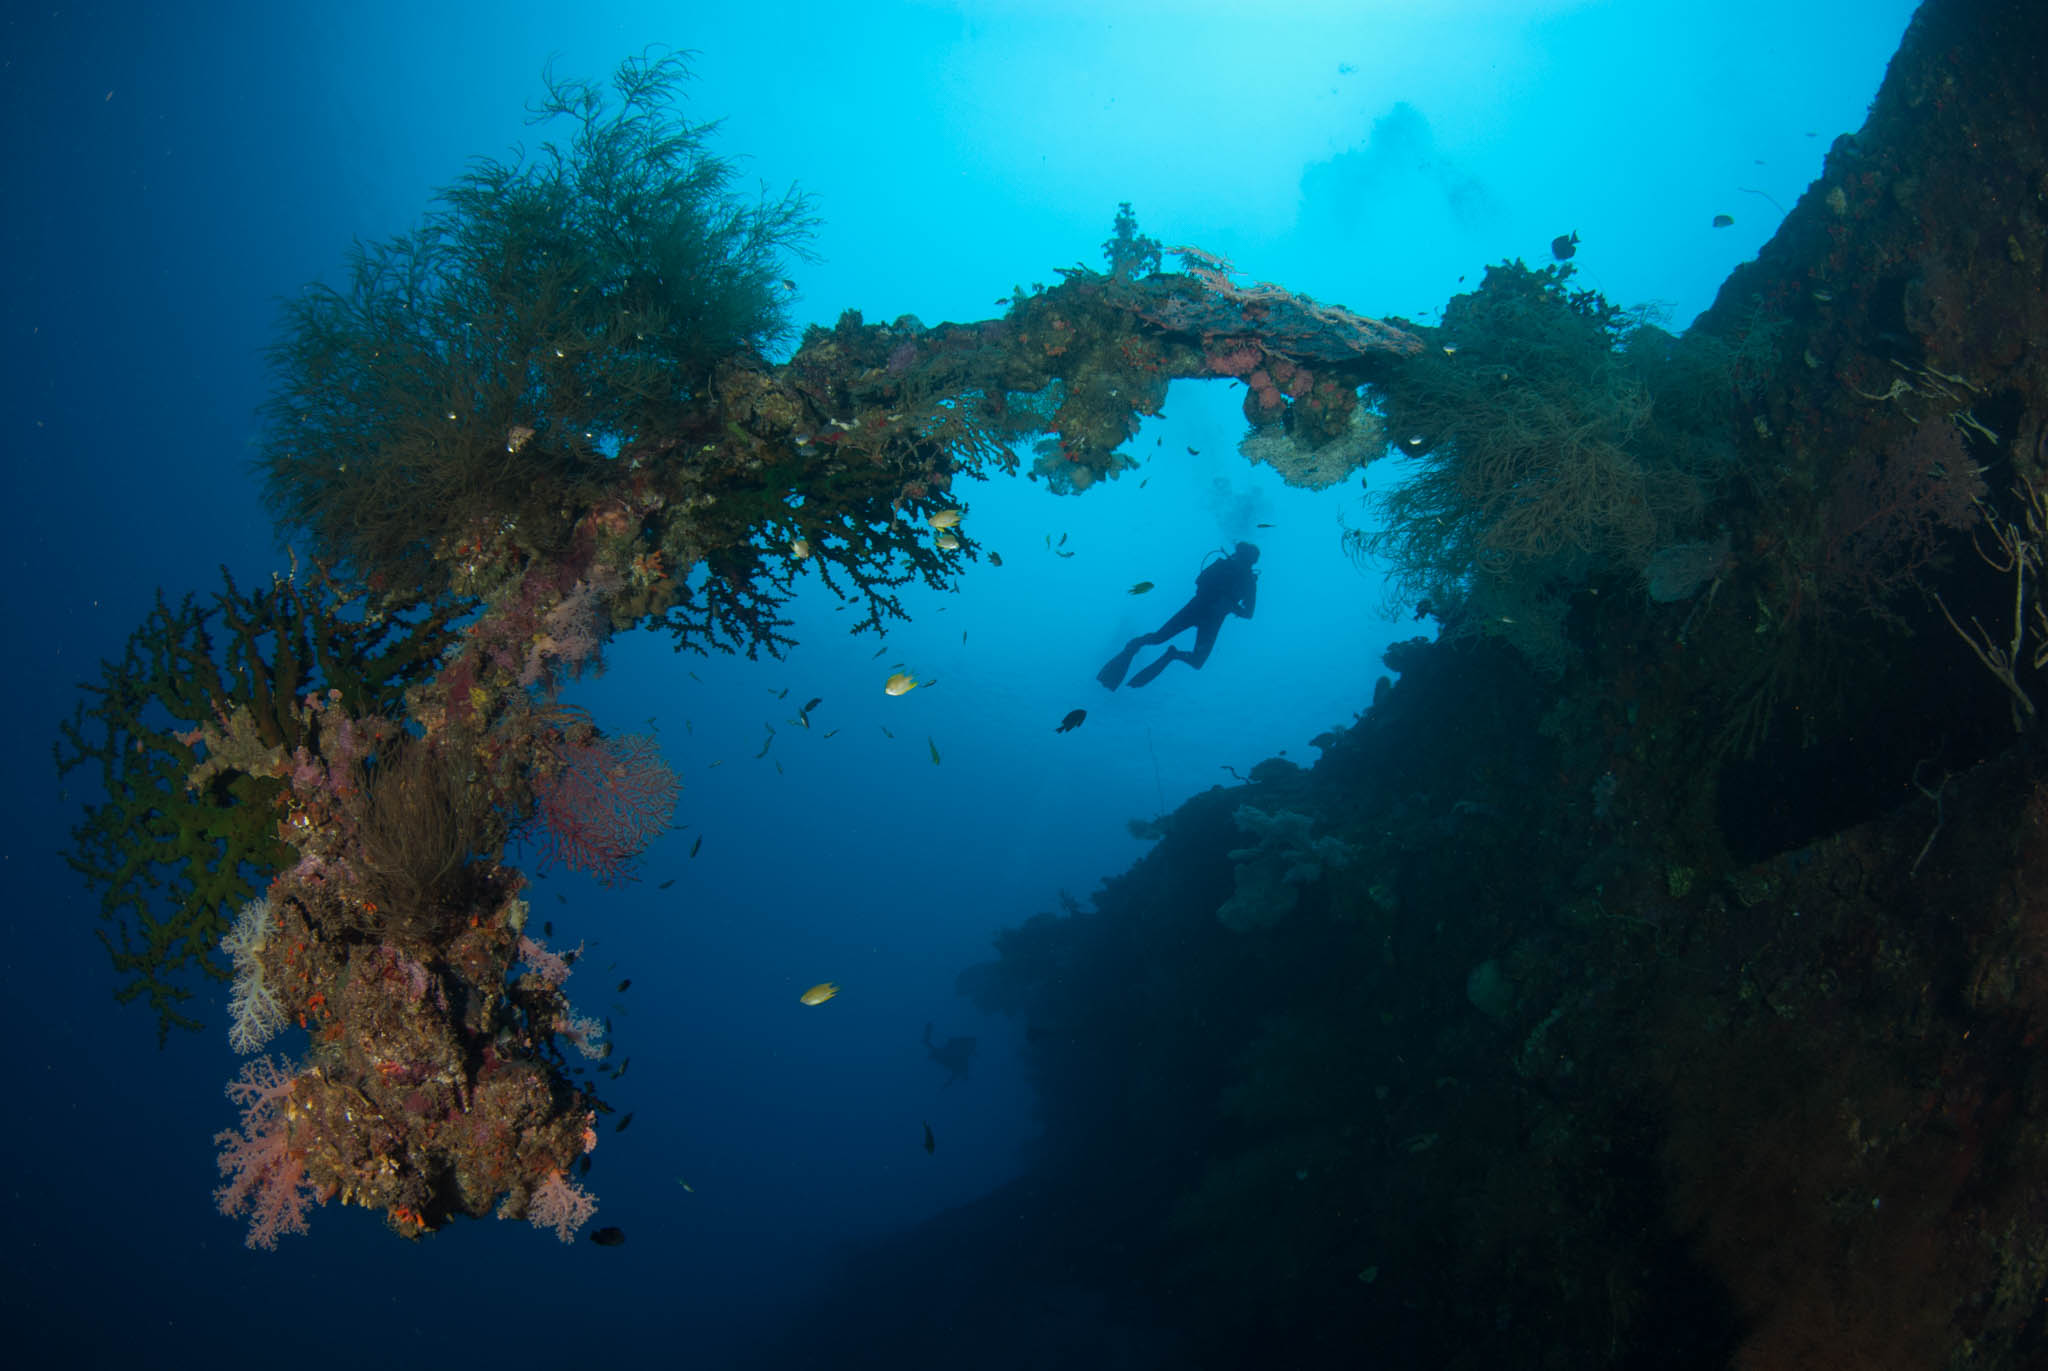 Dan Thomas on the Hirokawa Maru